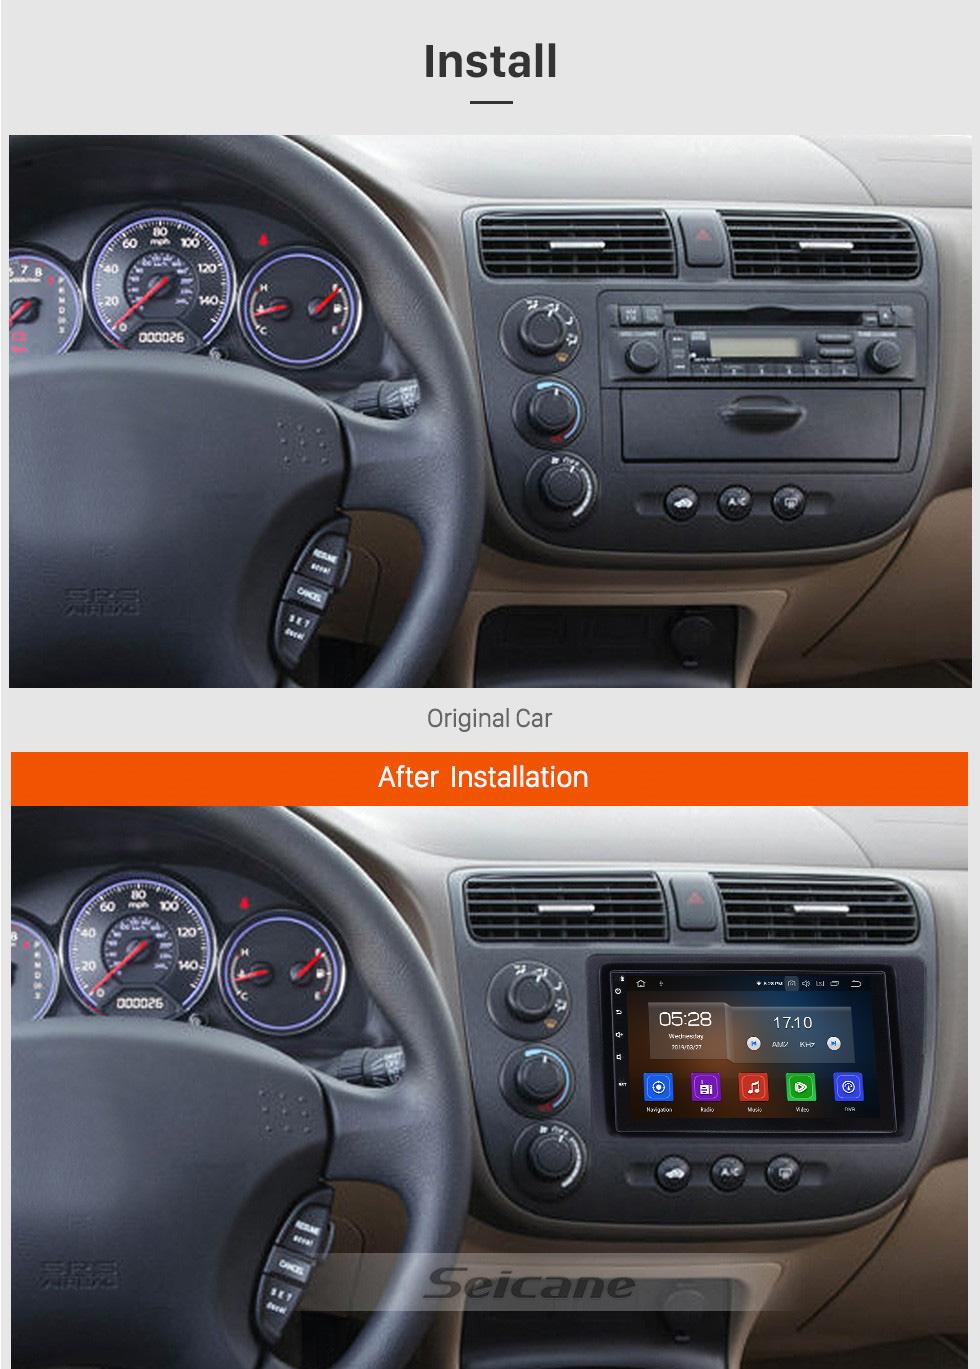 Seicane 7 polegada Android 9.0 Carro Sistema de Navegação GPS Estéreo para 2001-2005 Honda Civic com Wi-fi Bluetooth 1080 P HD Touchscreen AUX apoio FM Link do Espelho OBD2 SWC